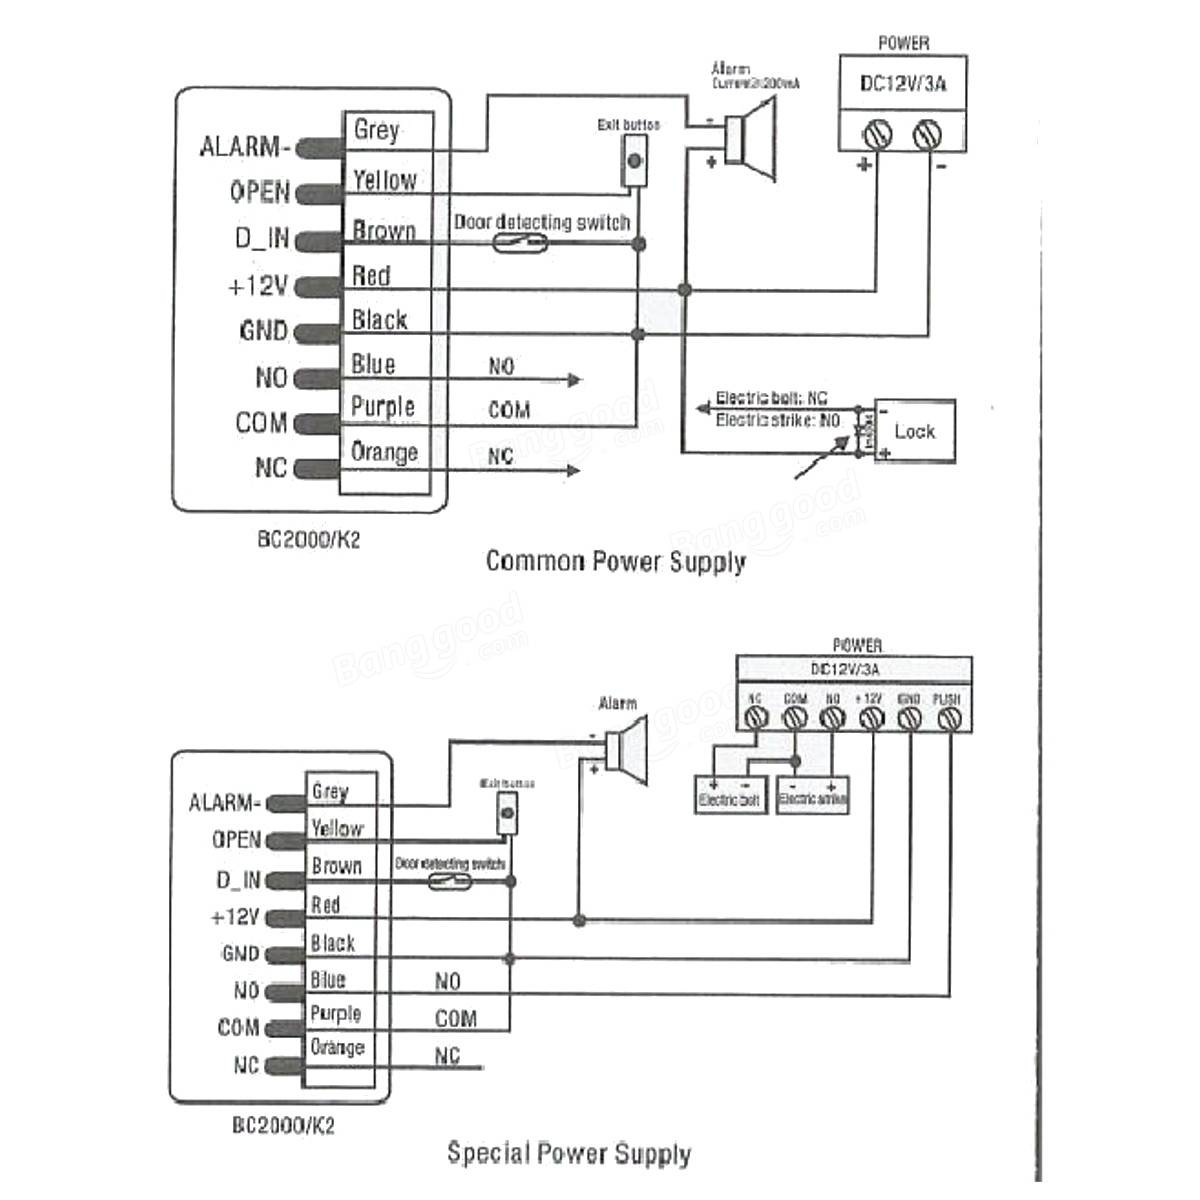 K2 teclado de contraseña puerta de entrada lector de